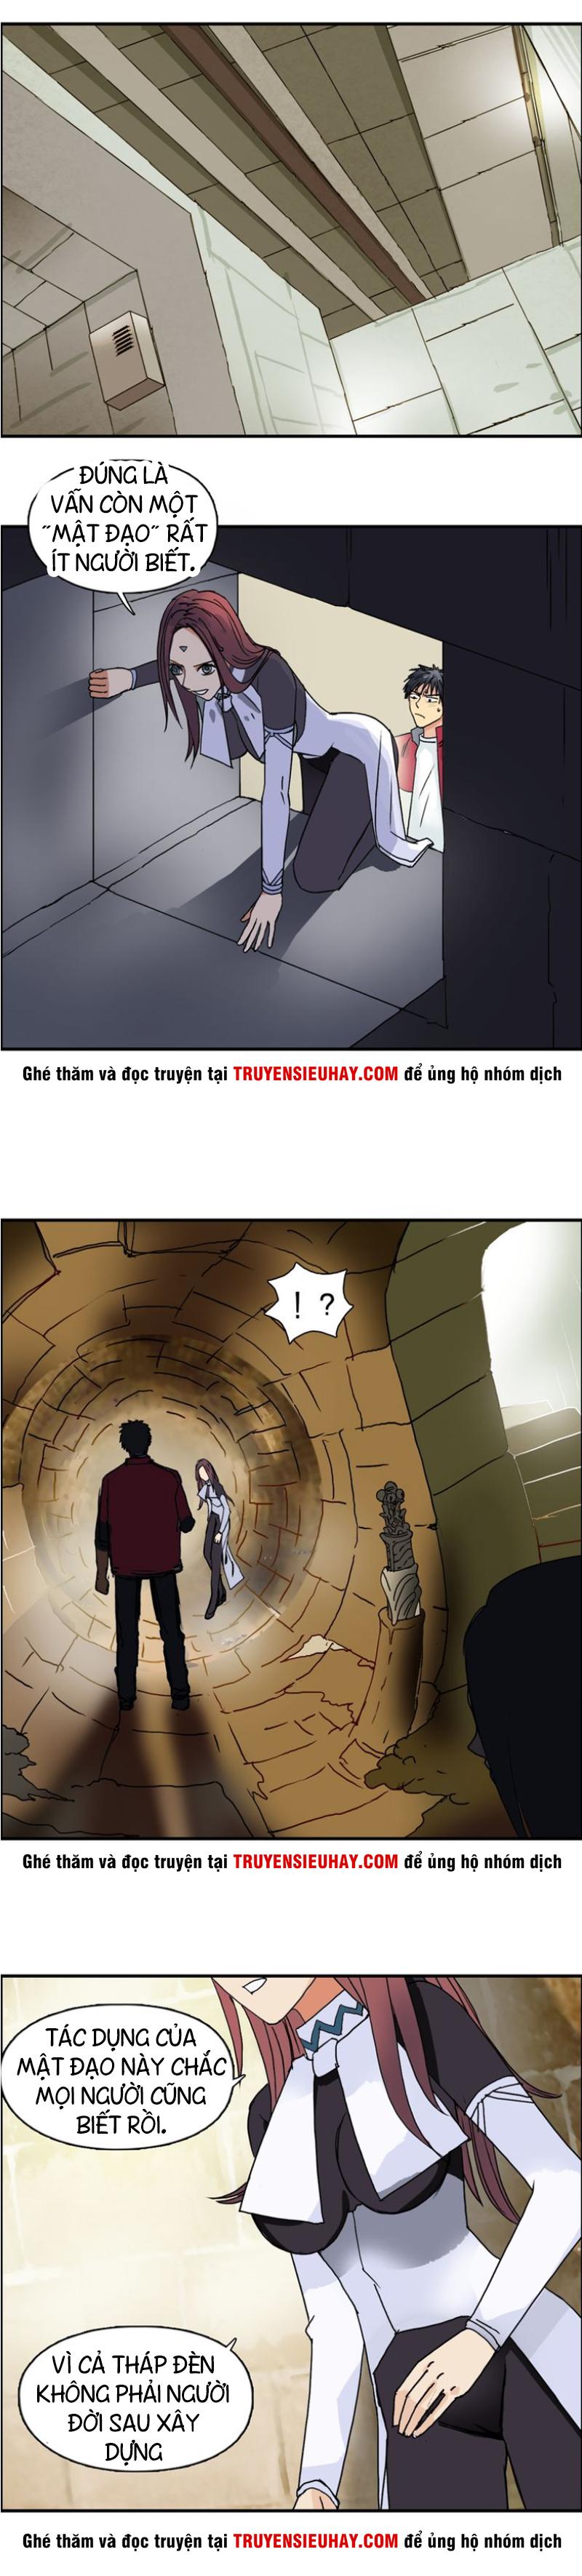 Siêu Năng Lập Phương Chapter 97 video - truyenmh.com